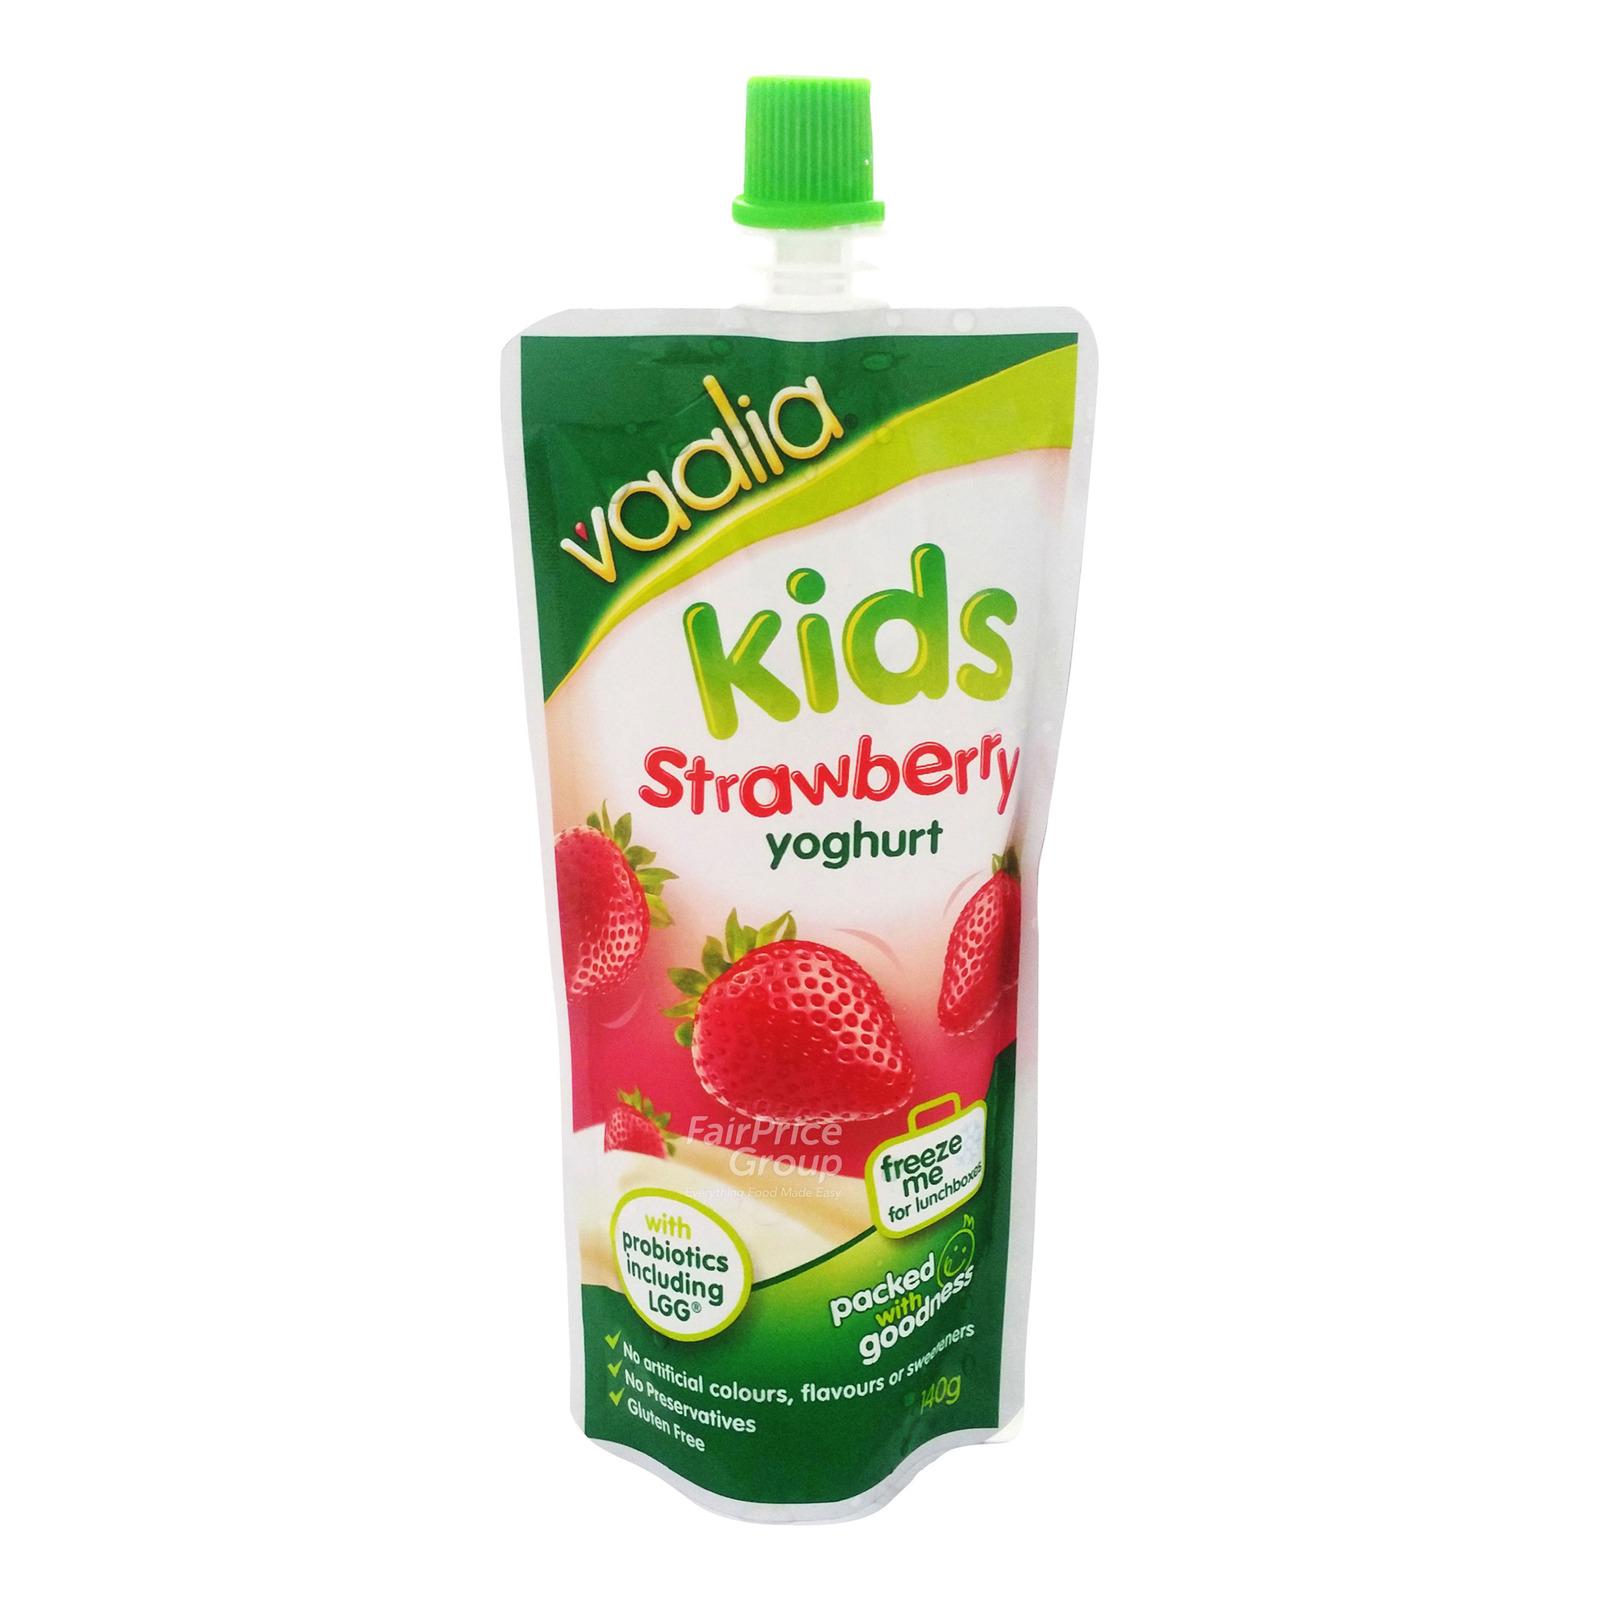 Vaalia Kids Yoghurt Pack - Strawberry